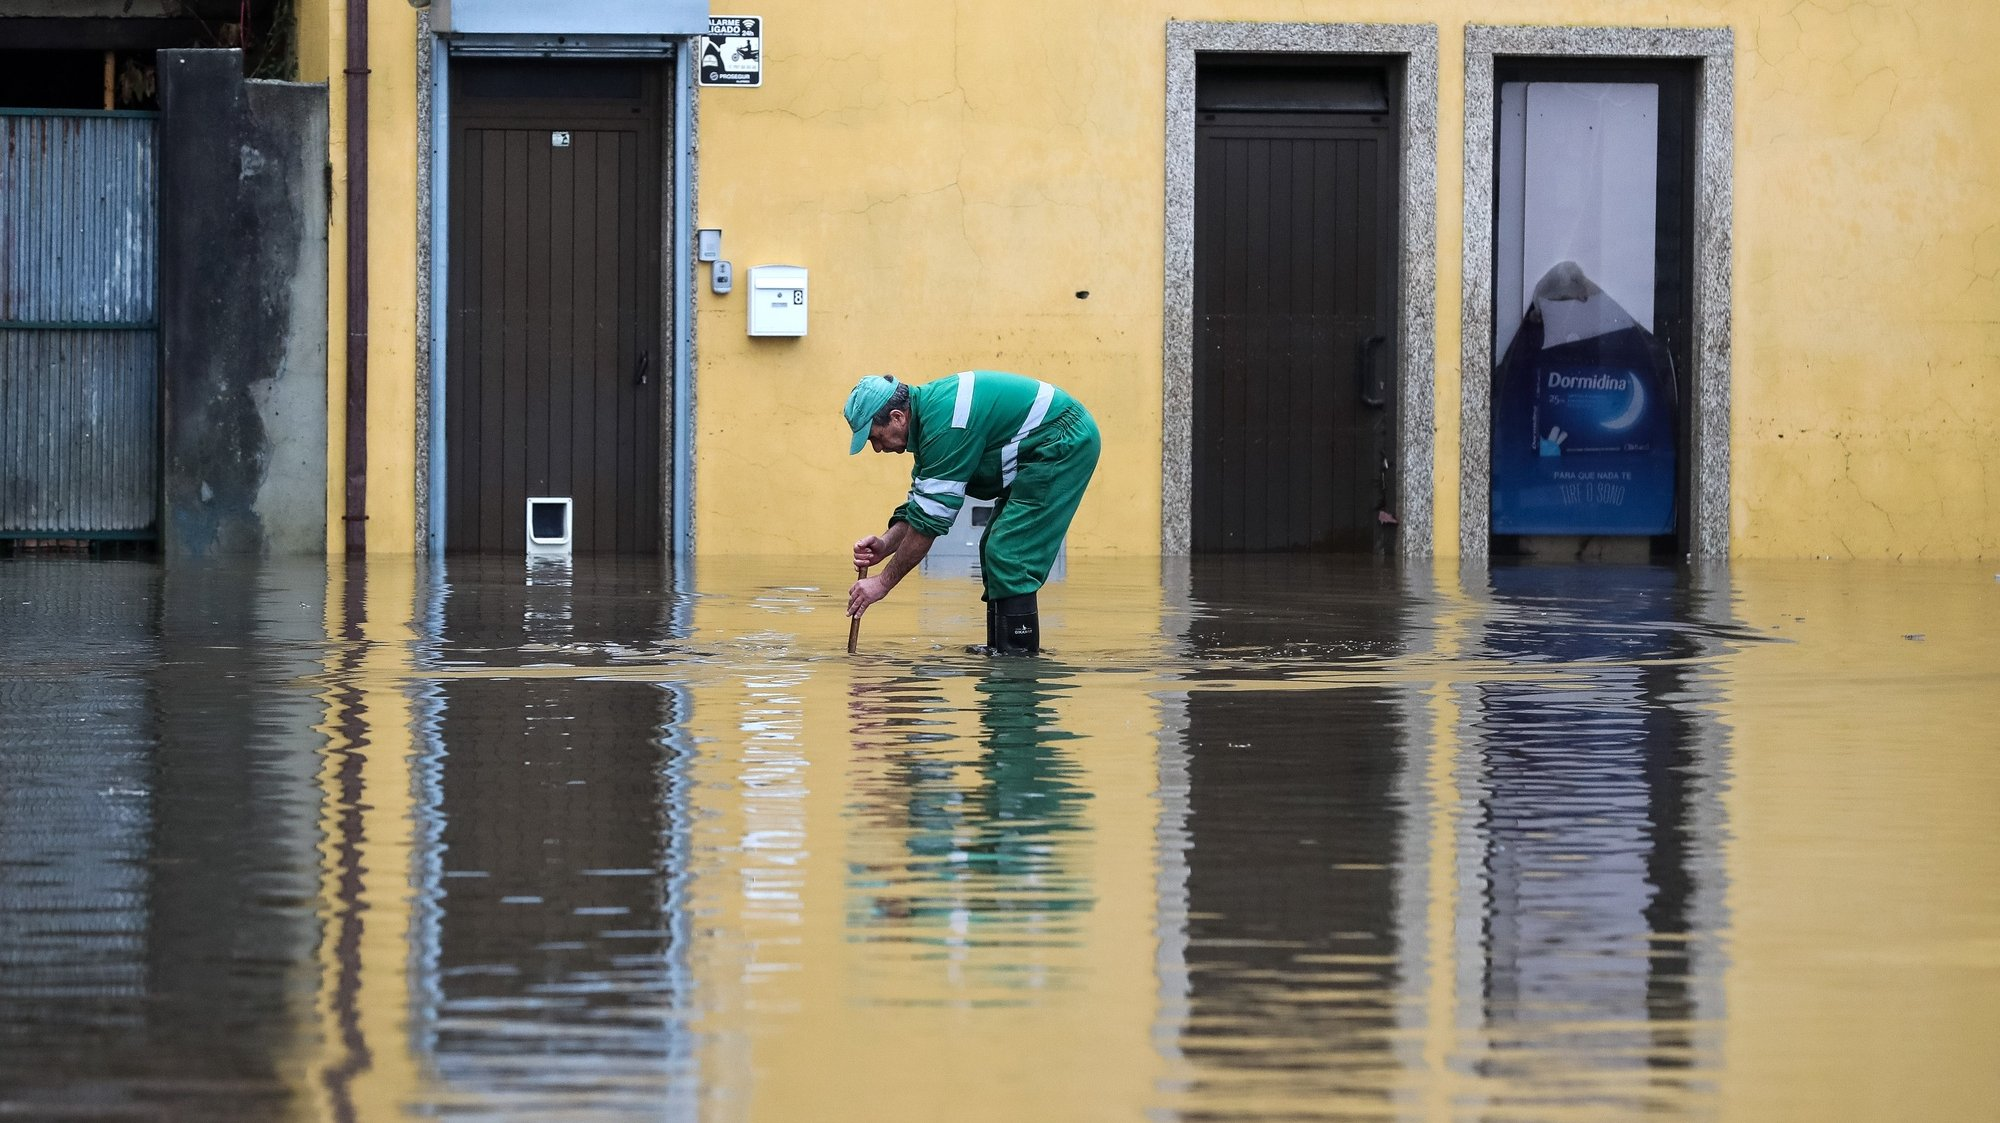 Um funcionário camarário limpa uma sargeta na zona ribeirnha da cidade de Águeda, que foi inundada pela subida da água do rio Águeda devido à chuva forte provocada pela depressão Elsa, em Águeda, 20 de dezembro de 2019. PAULO NOVAIS/LUSA